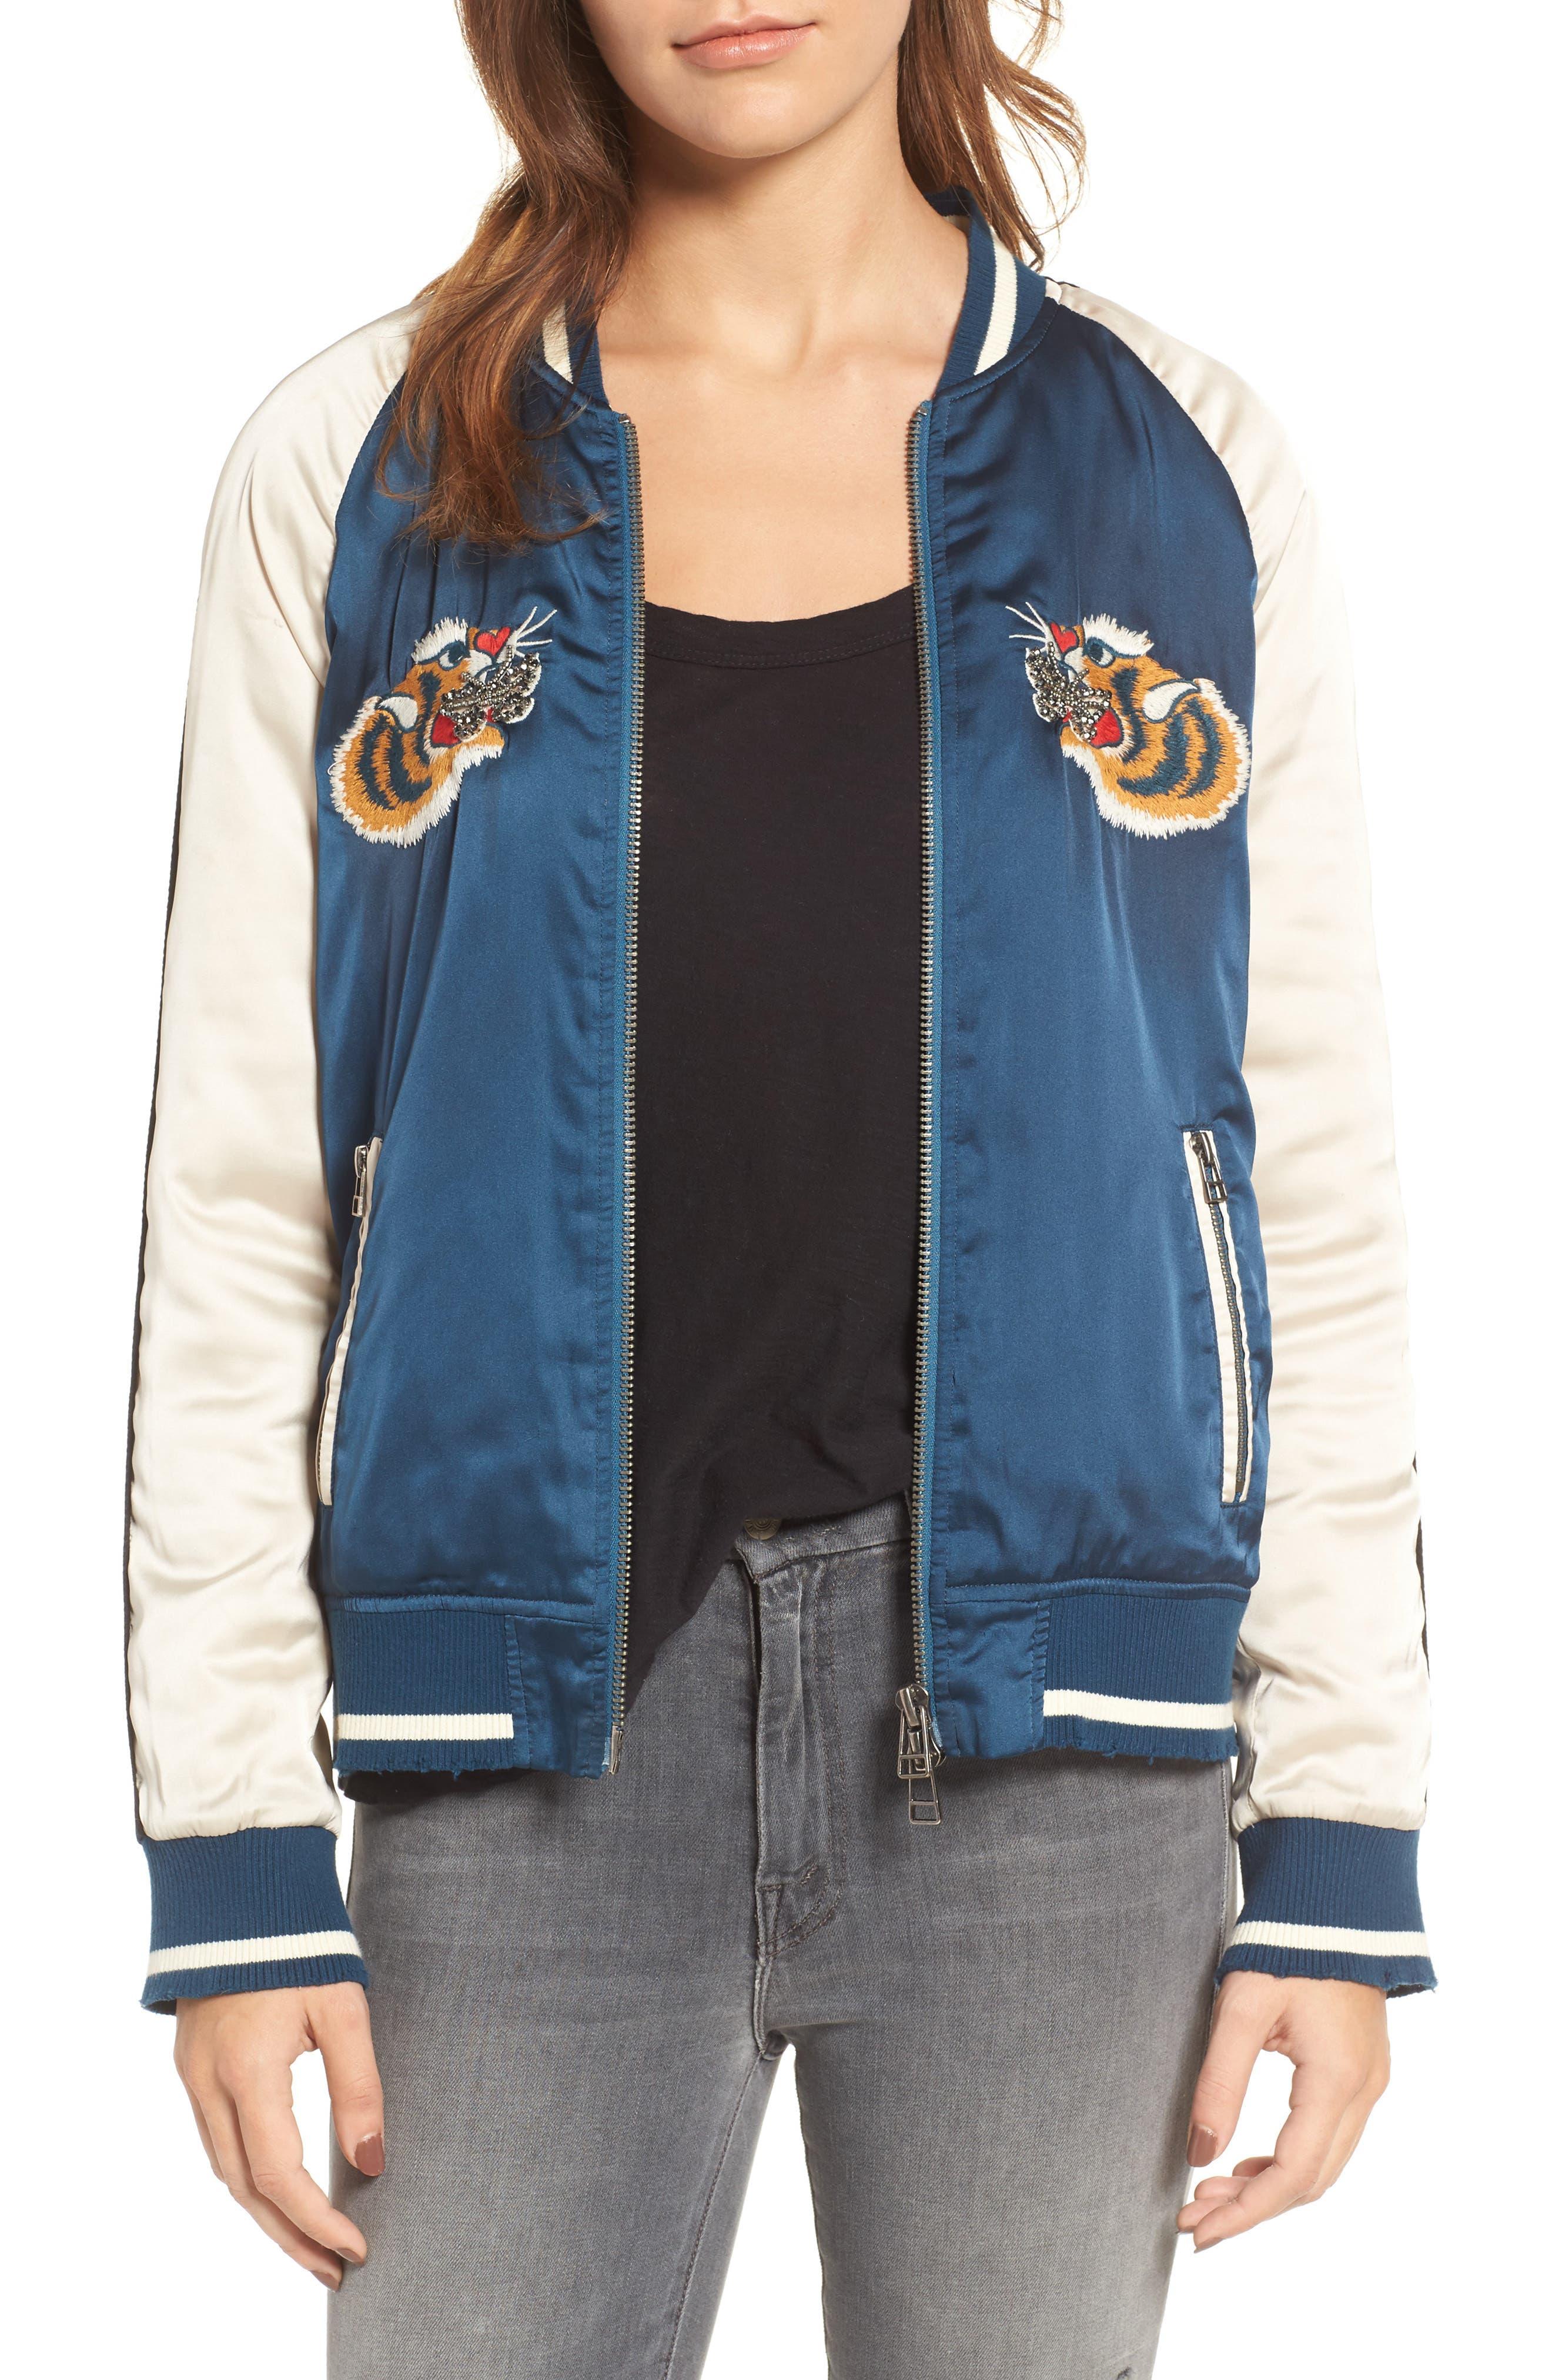 Main Image - Pam & Gela Embroidered Satin Bomber Jacket